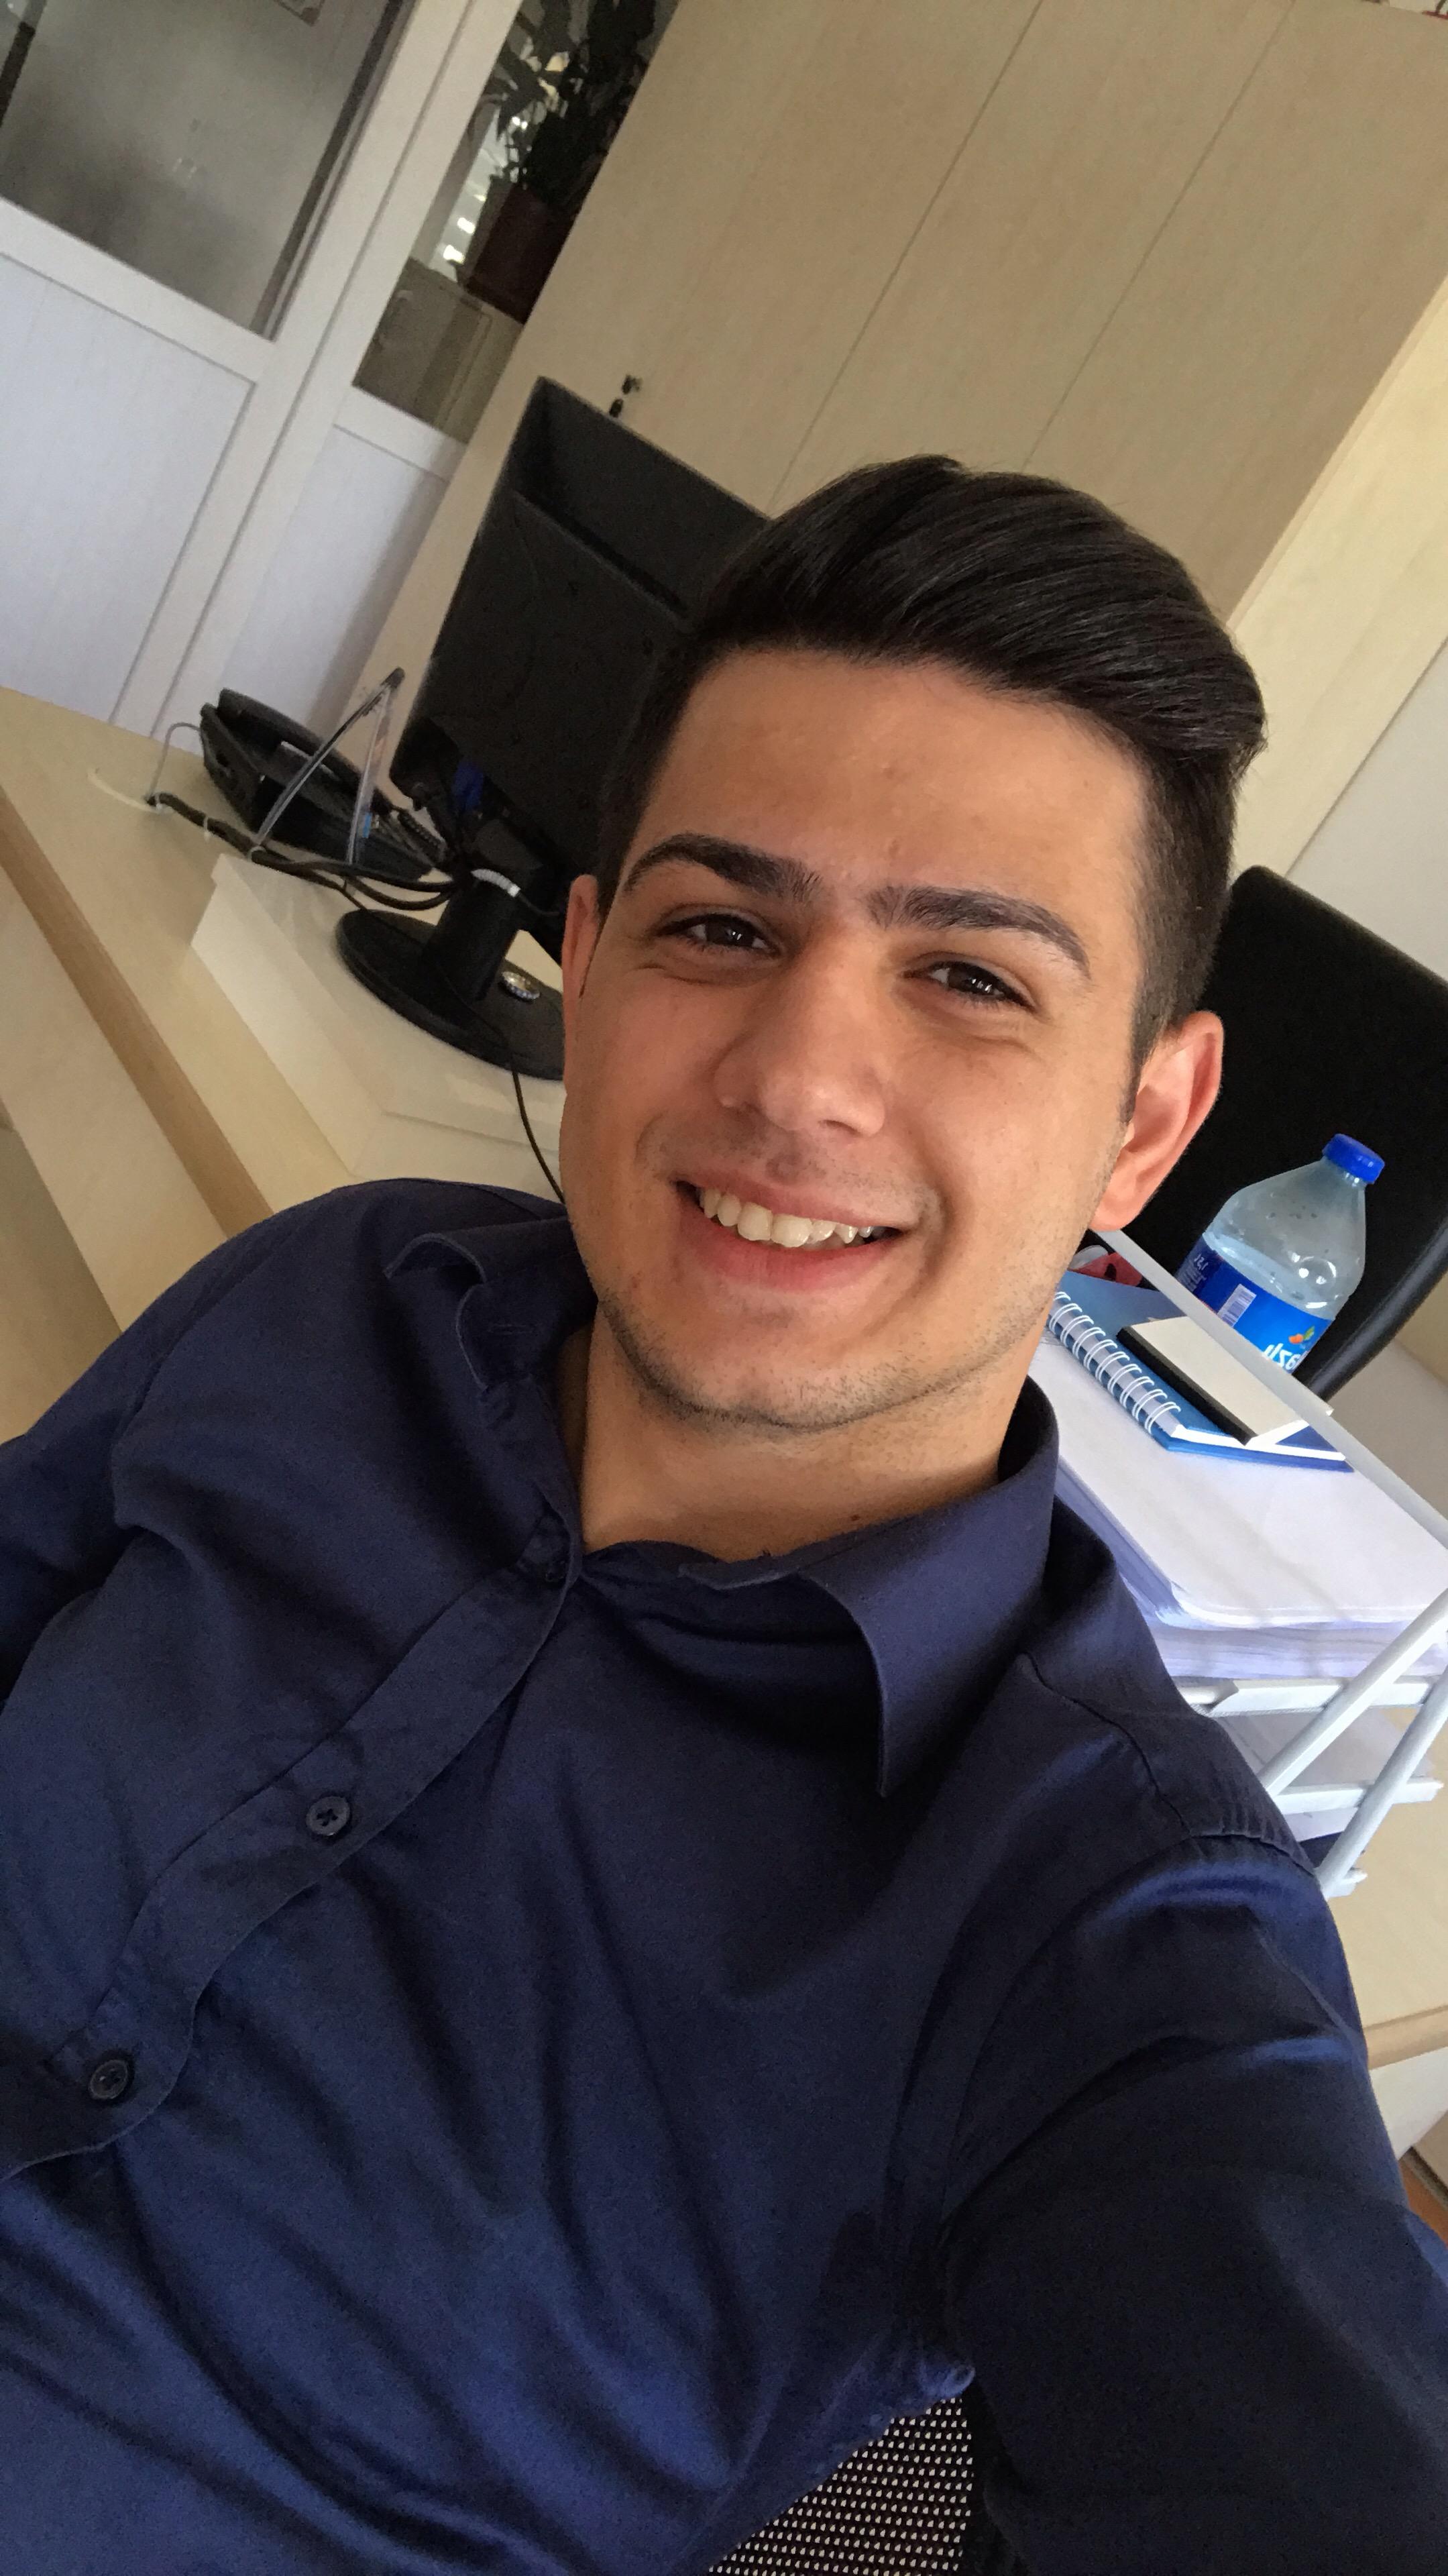 Mustafa Coşkungönül